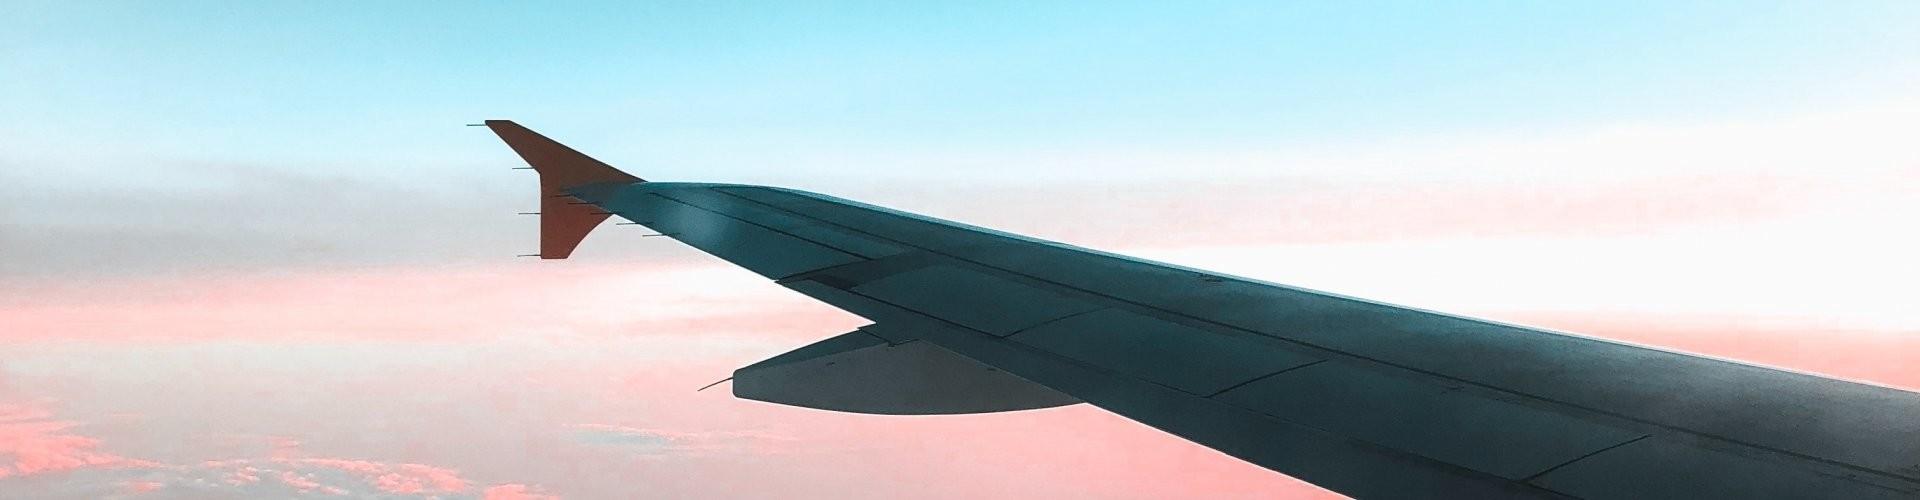 Artventures Vliegtuigvleugel schildervakanties